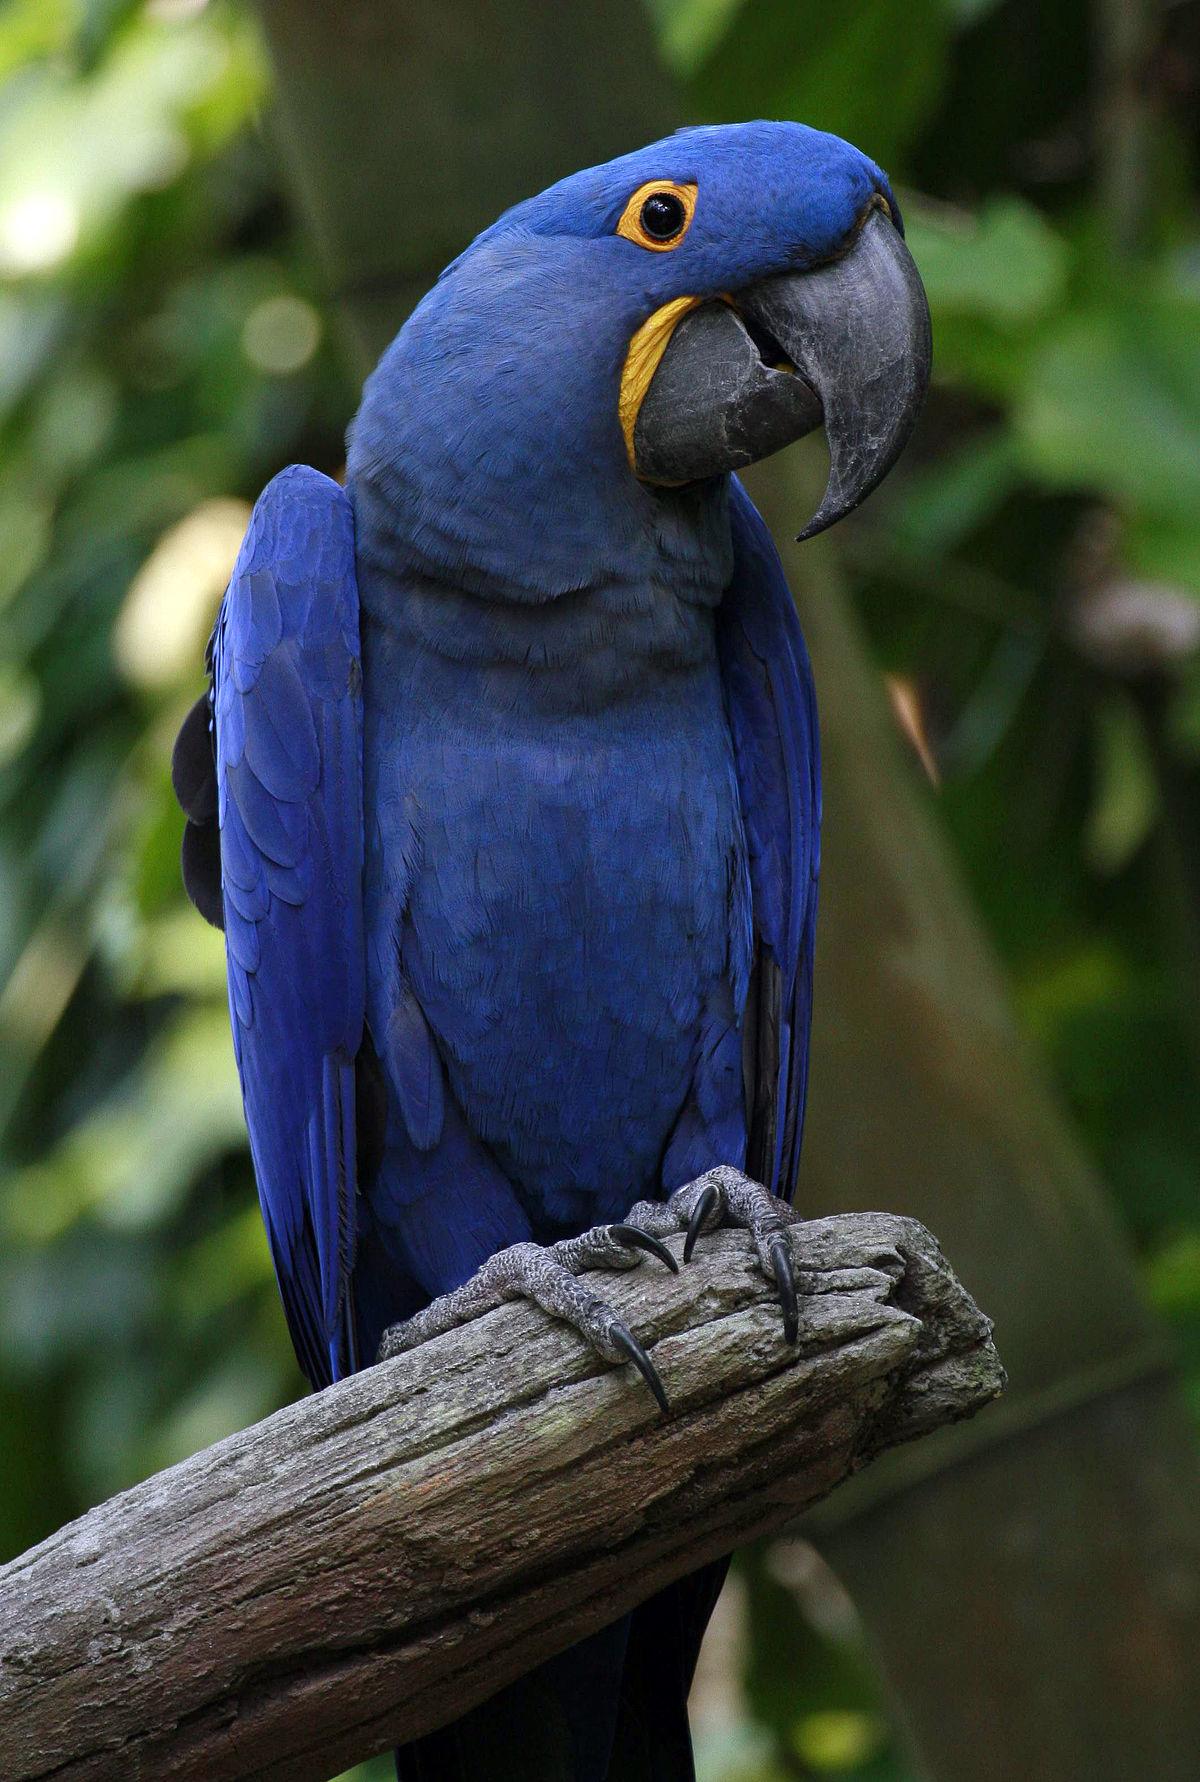 Hyacinth macaw - Wikipedia